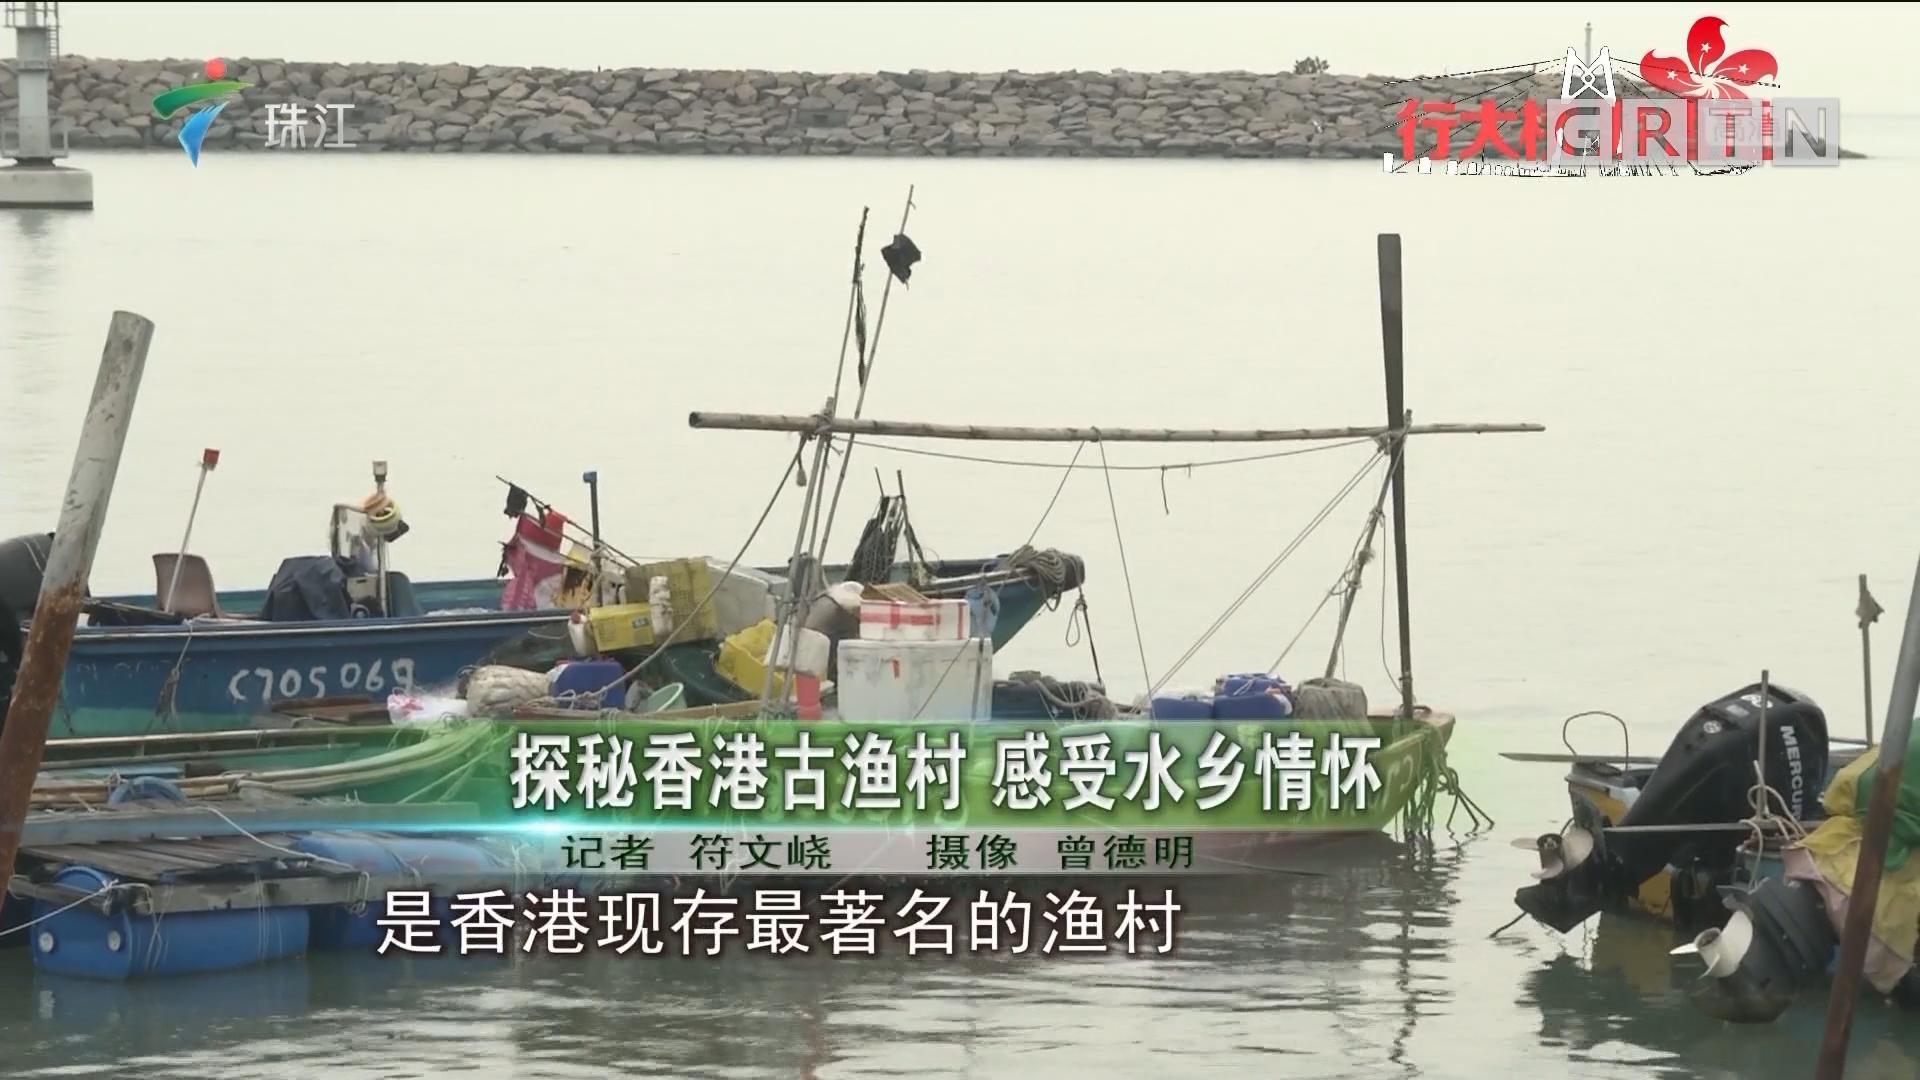 探秘香港古渔村 感受水乡情怀